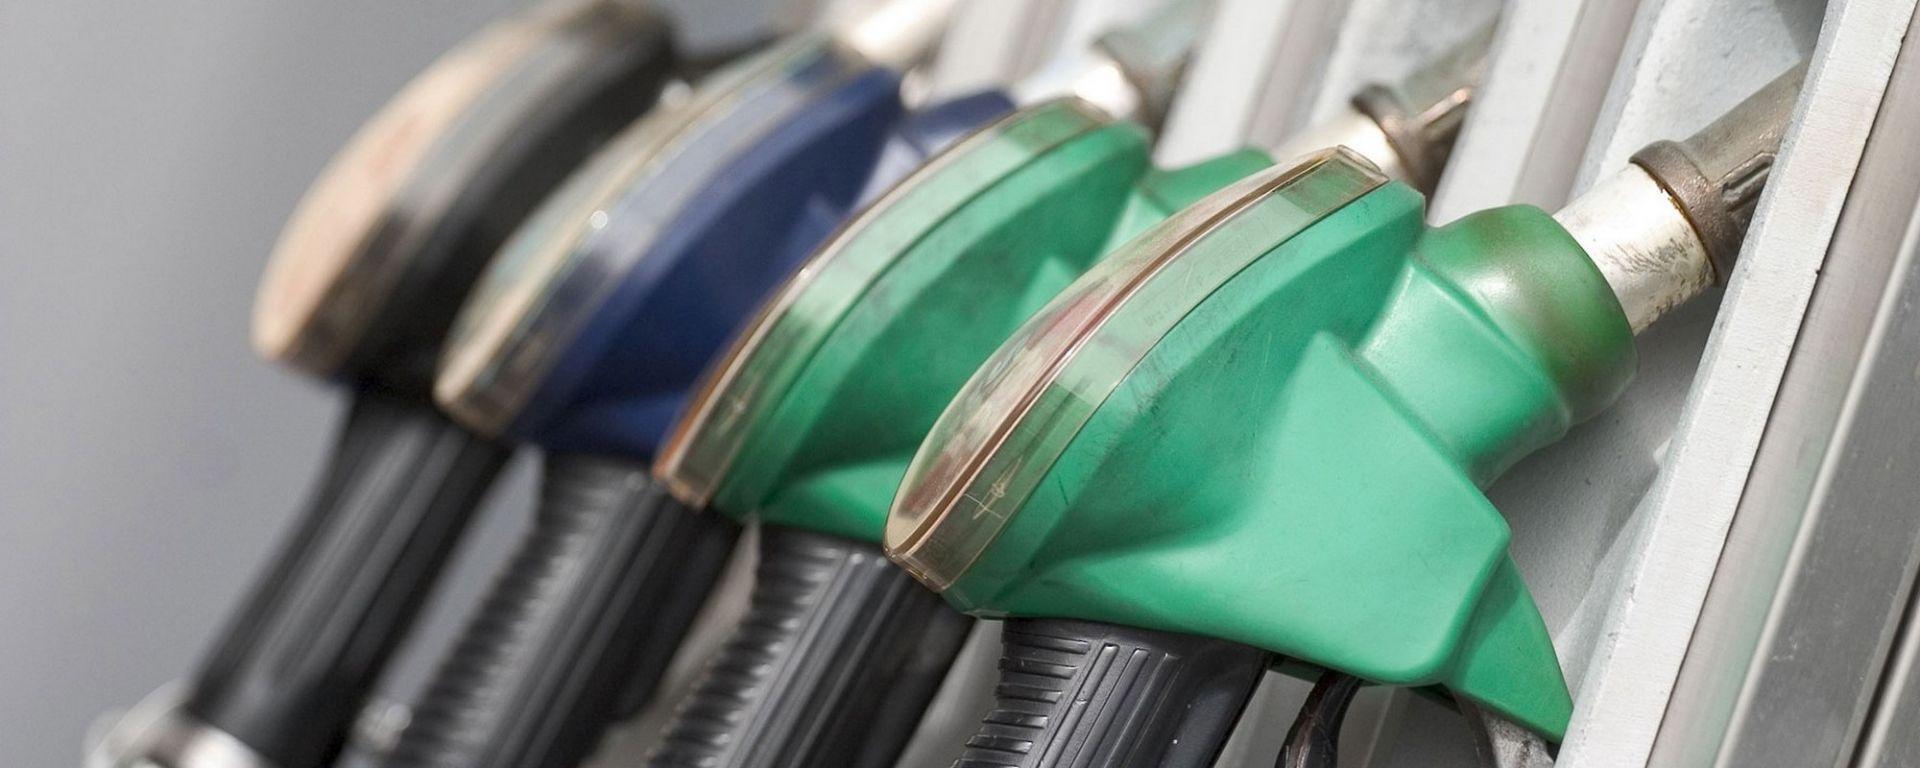 E-fattura carburanti, proroga al 1° gennaio 2019?